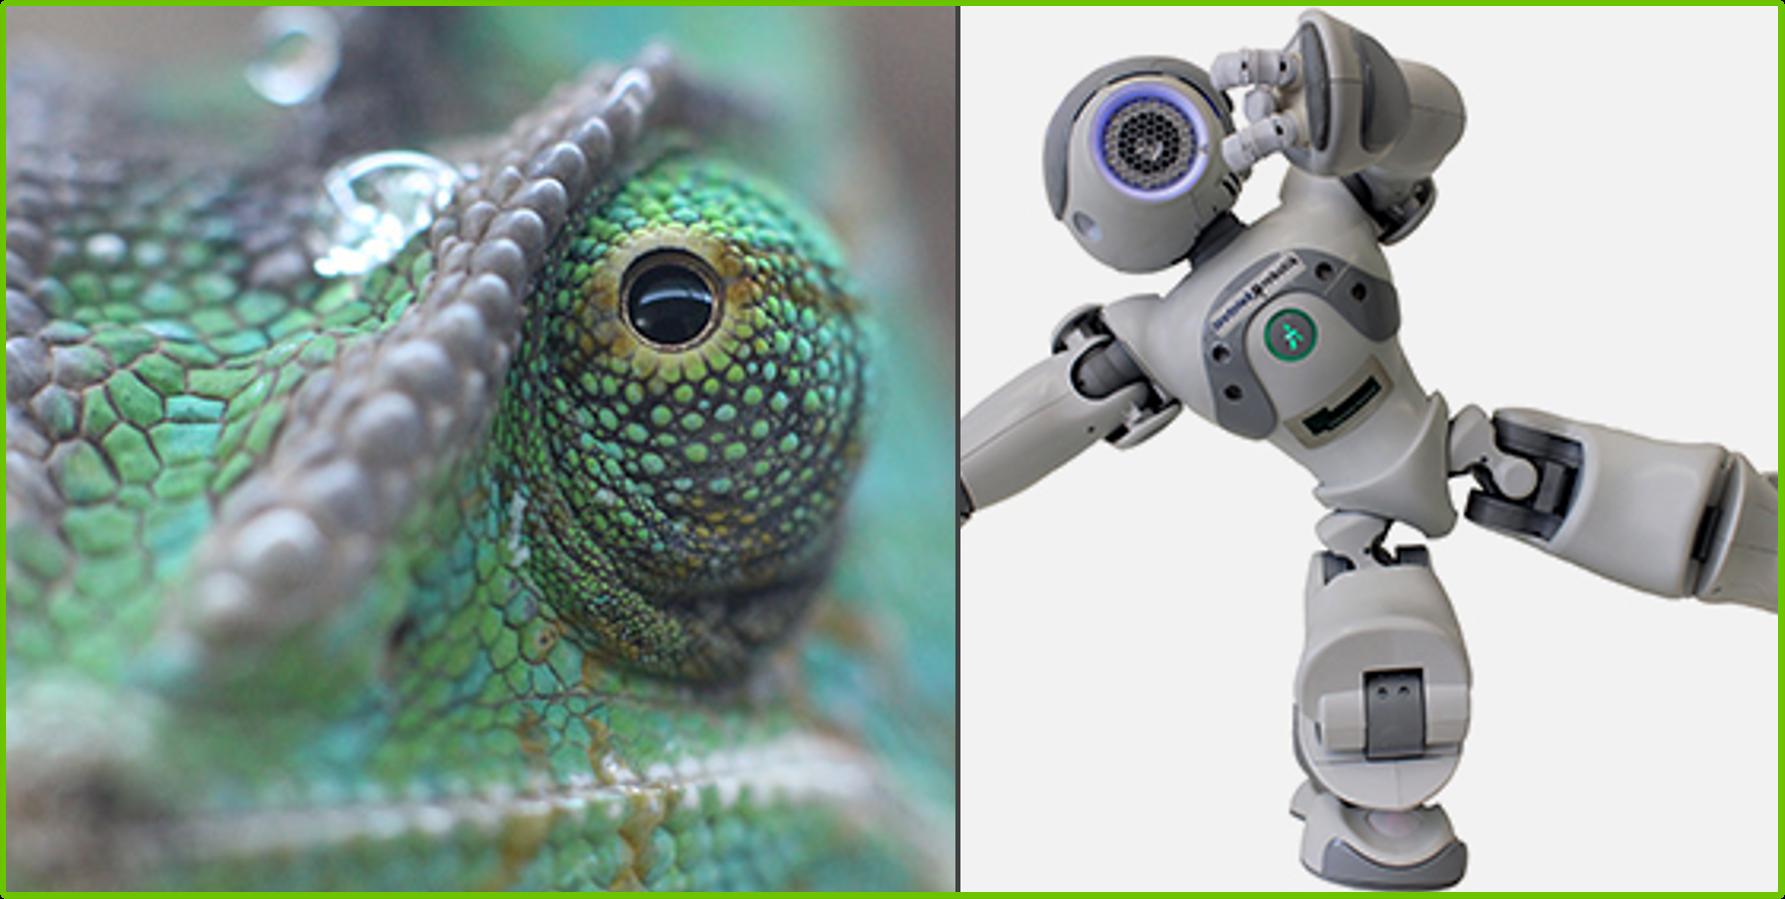 Biologie und Robotik in den Osterferien